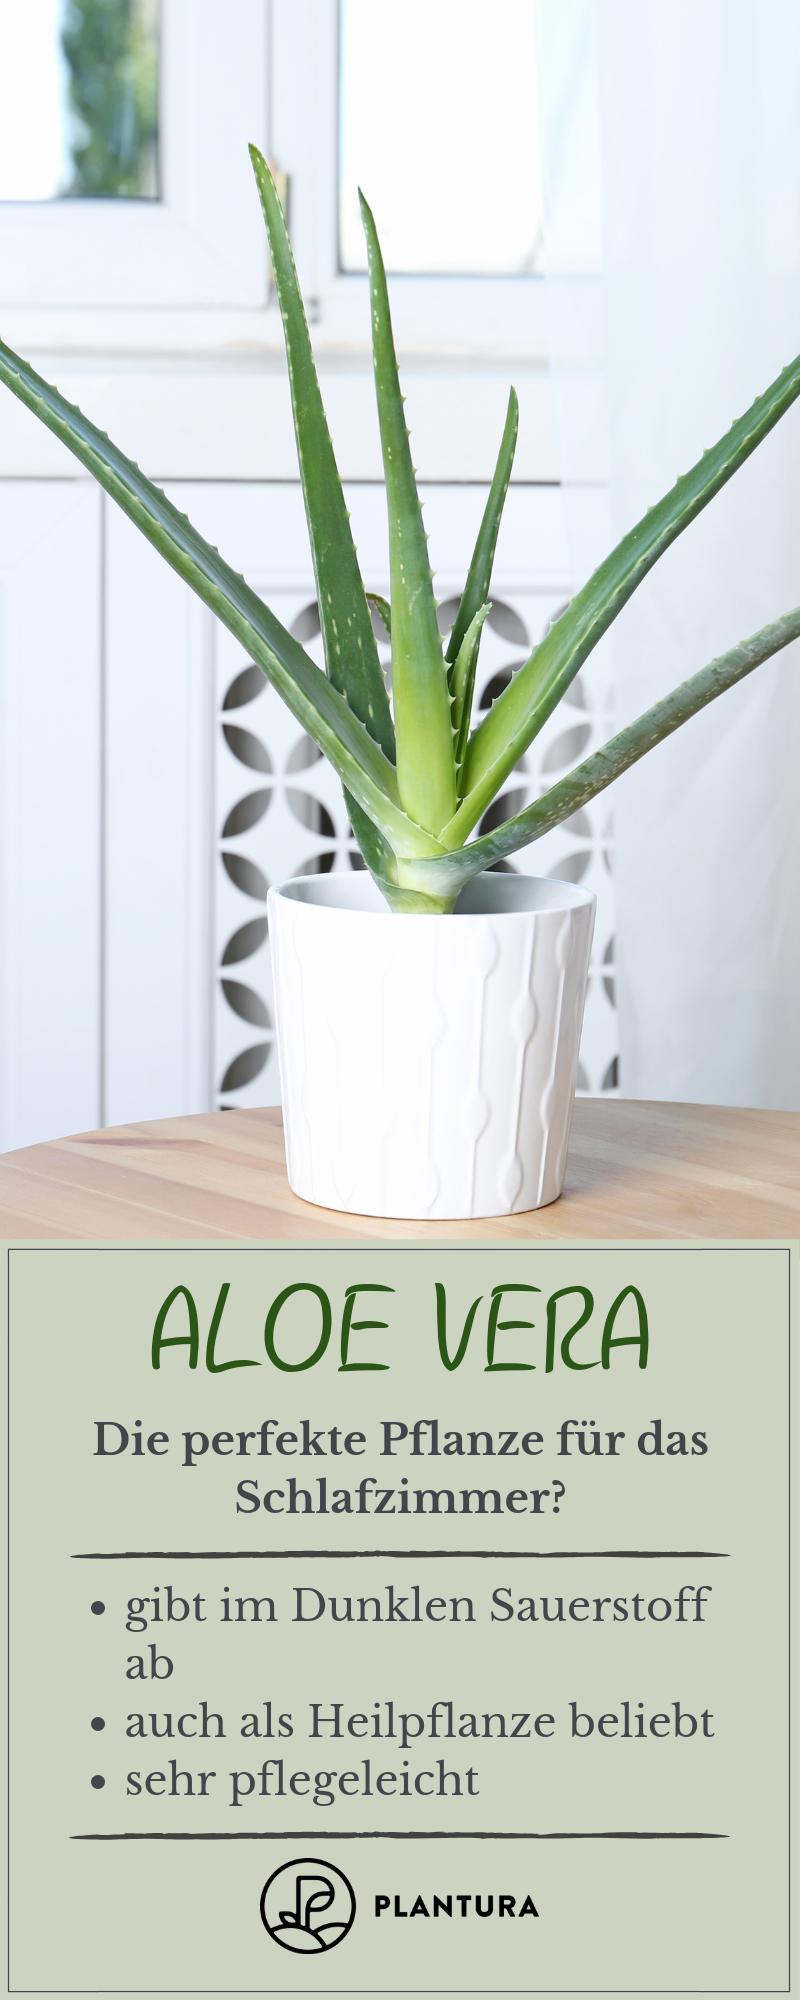 Aloe Vera Die Perfekte Pflanze Fur Das Schlafzimmer Die Aloe Vera Ist Als Heilpflanze Beliebt Aber Nicht Pflanzen Schlafzimmer Pflanzen Blumen Im Blumentopf